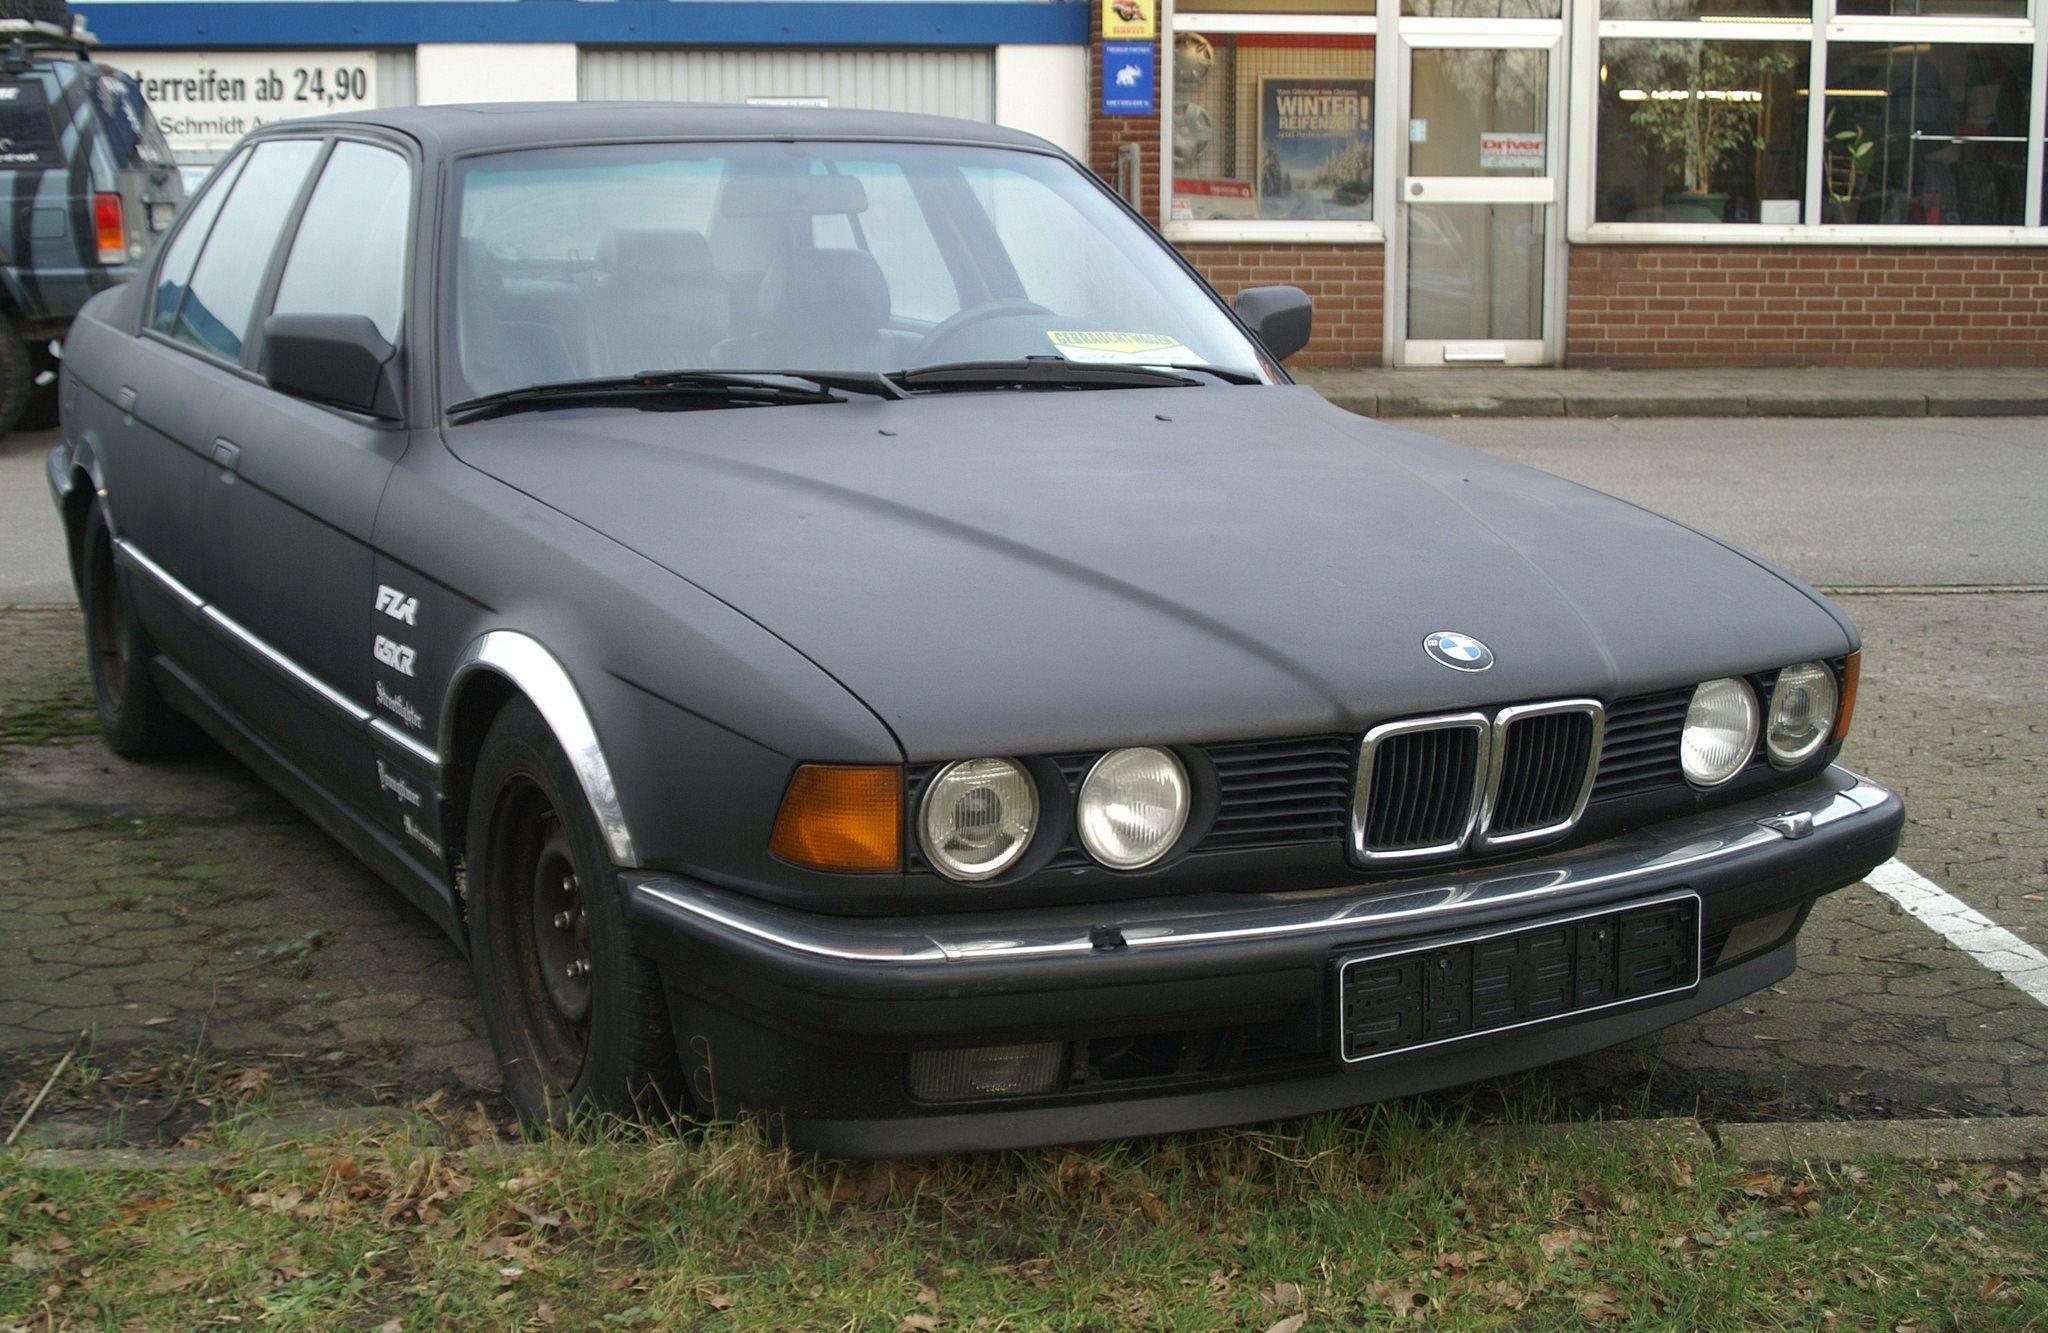 Bmw 735i E32 Bmw Bmw Car Photo